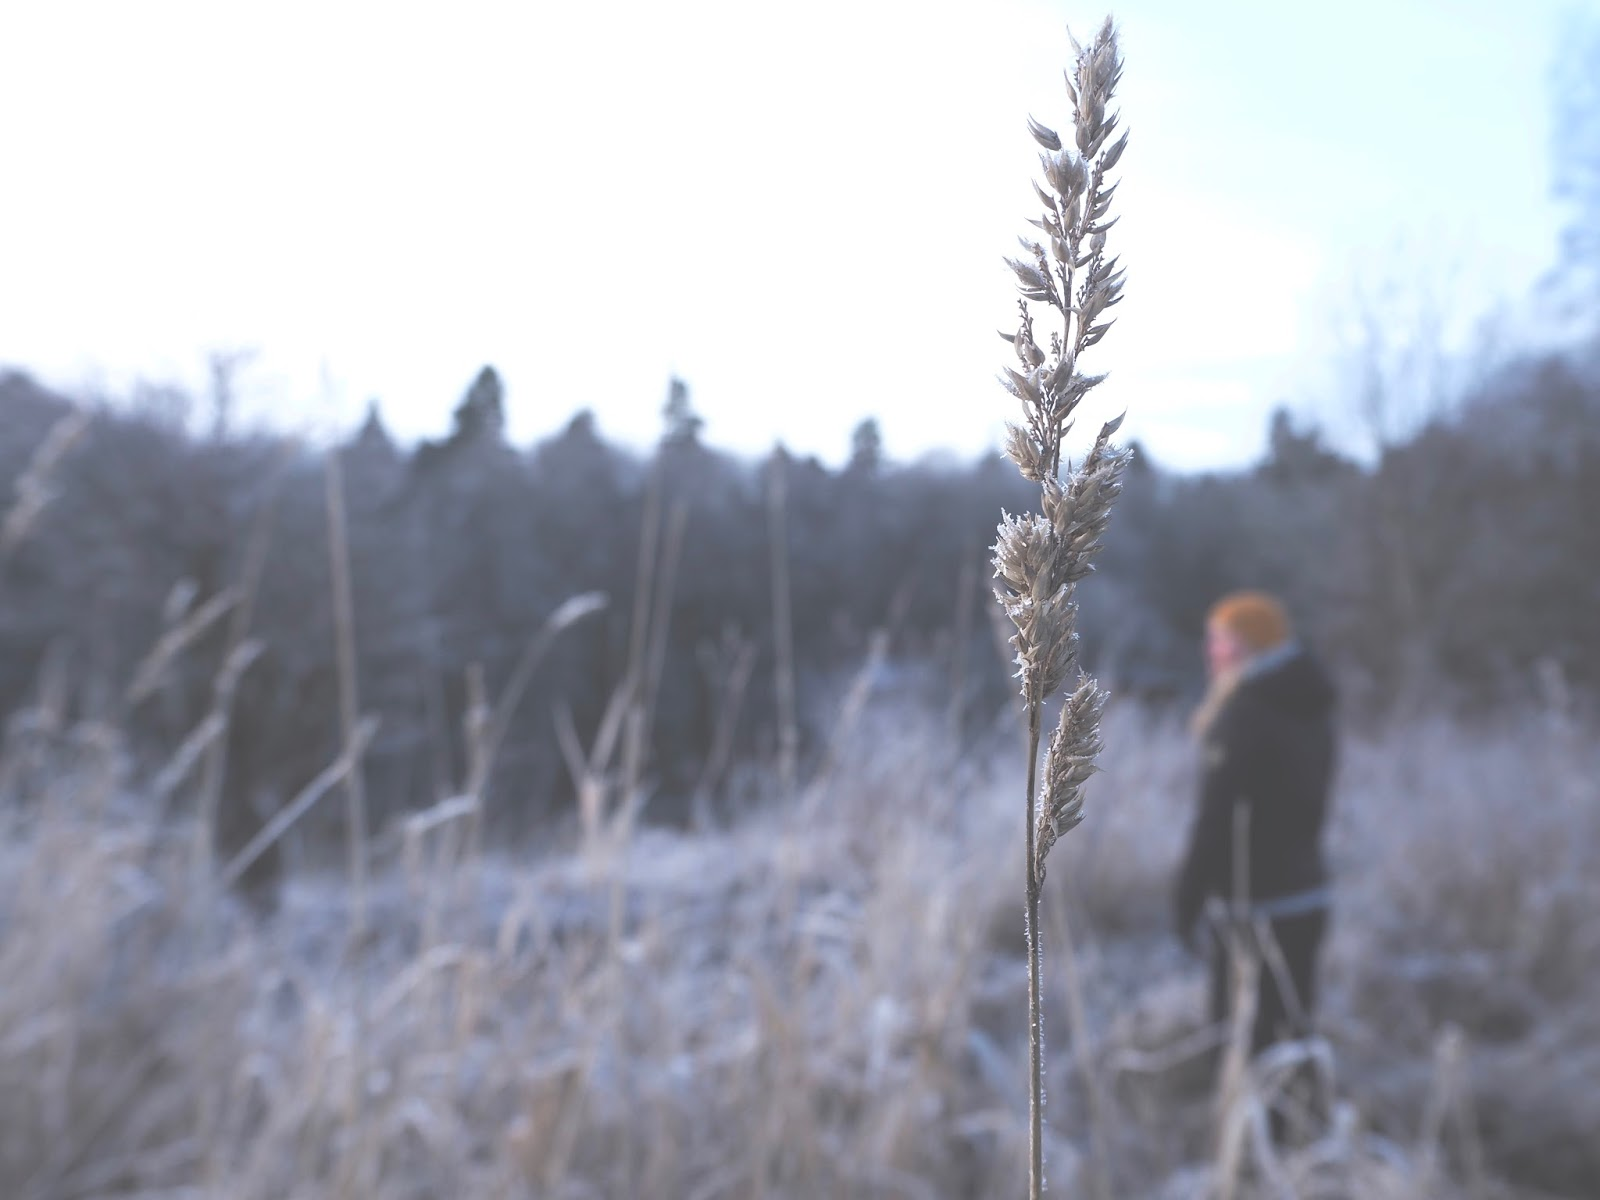 Mies seisoo pellolla, pohtii elämää.